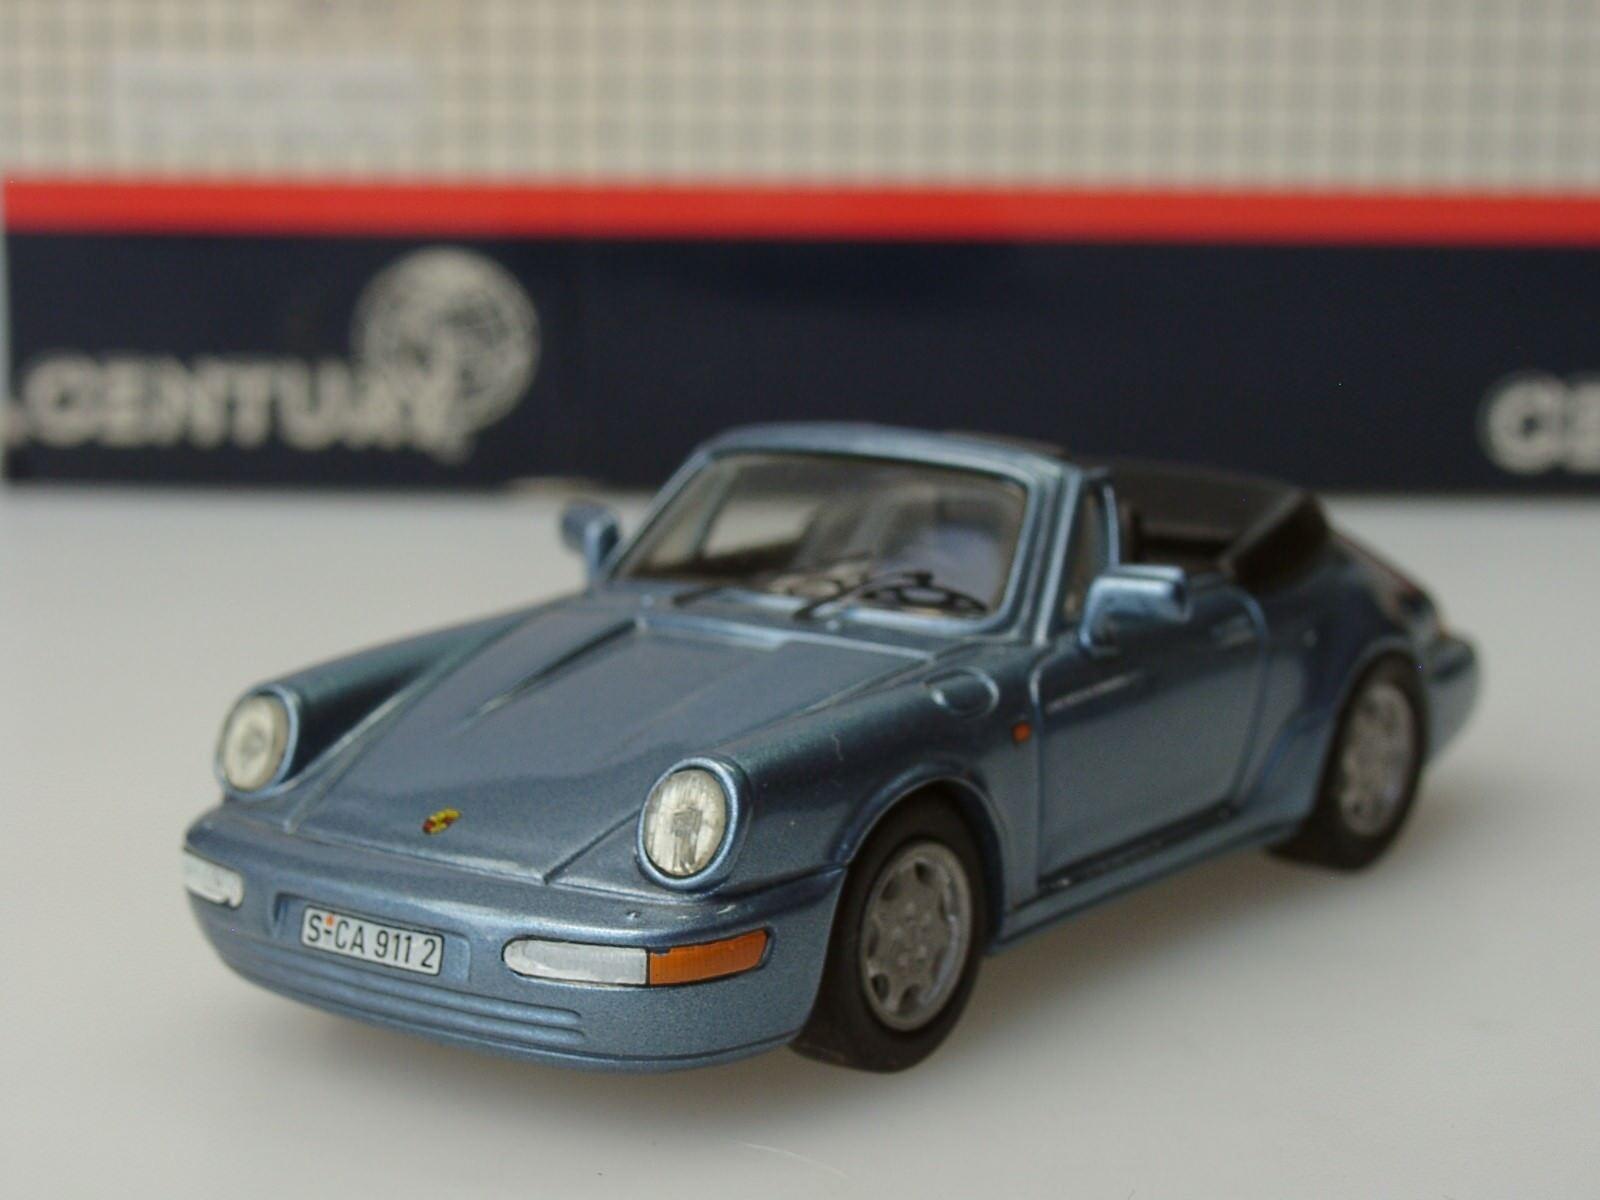 Century Porsche voiturerera 4 Cabrio, 1989, hellblau met. - 2001 - Metall 1 43, alt